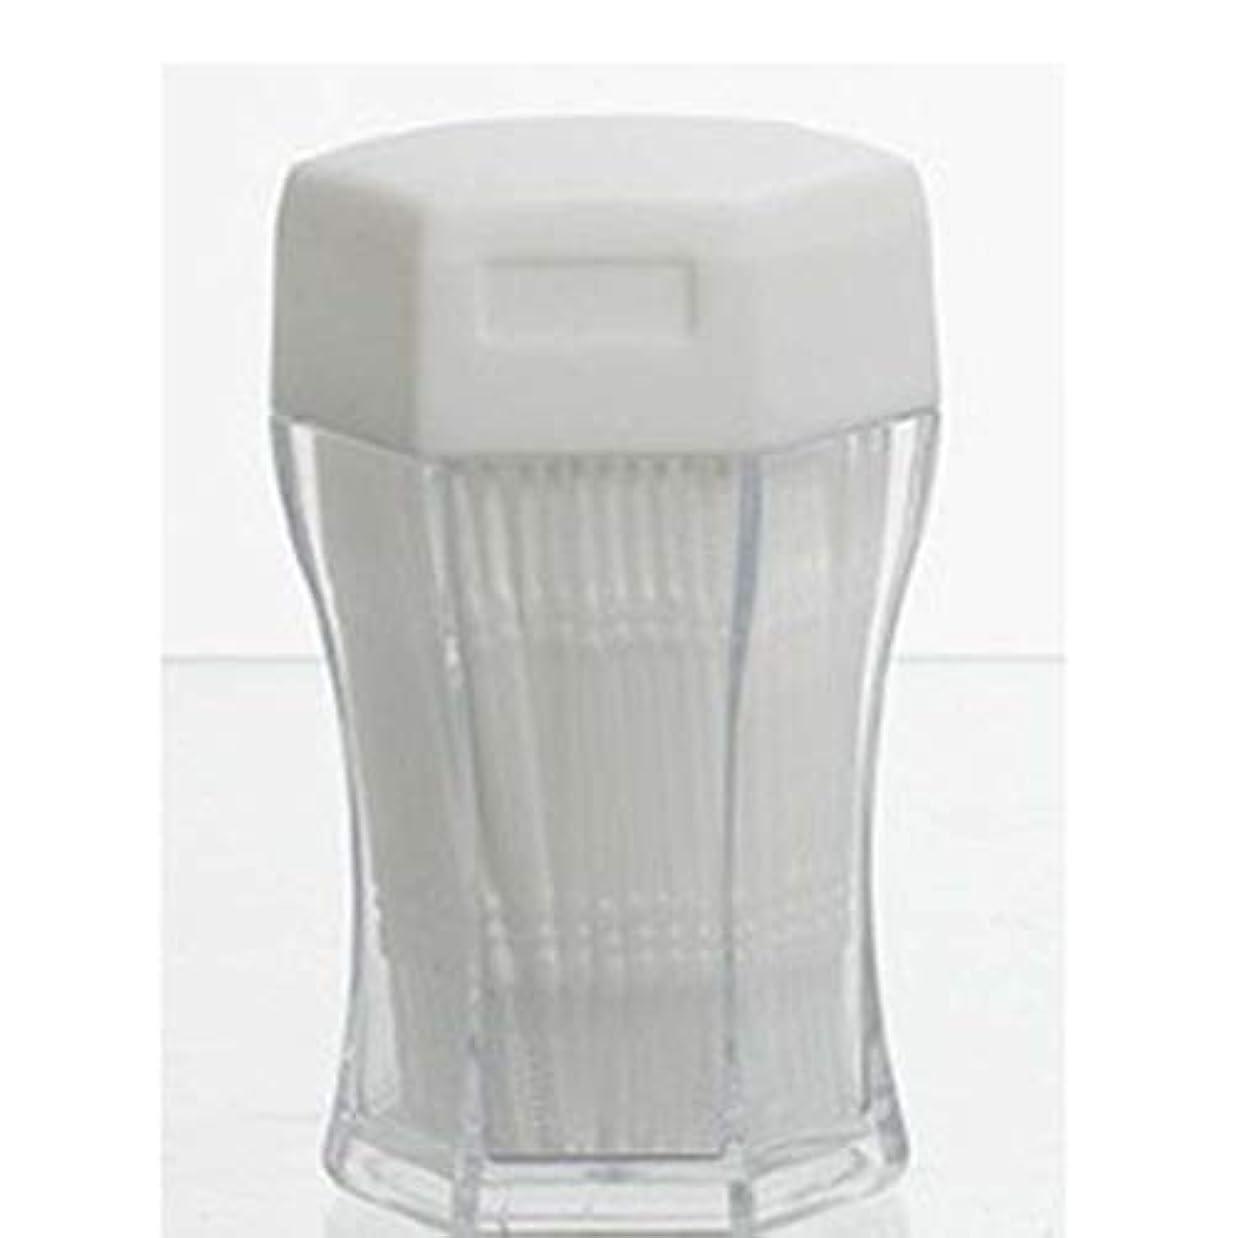 200ピース/セットダブルヘッド歯フロス衛生デンタルフロスプラスチック歯間つまようじ歯の口腔ケアのための健康 (PandaWelly)